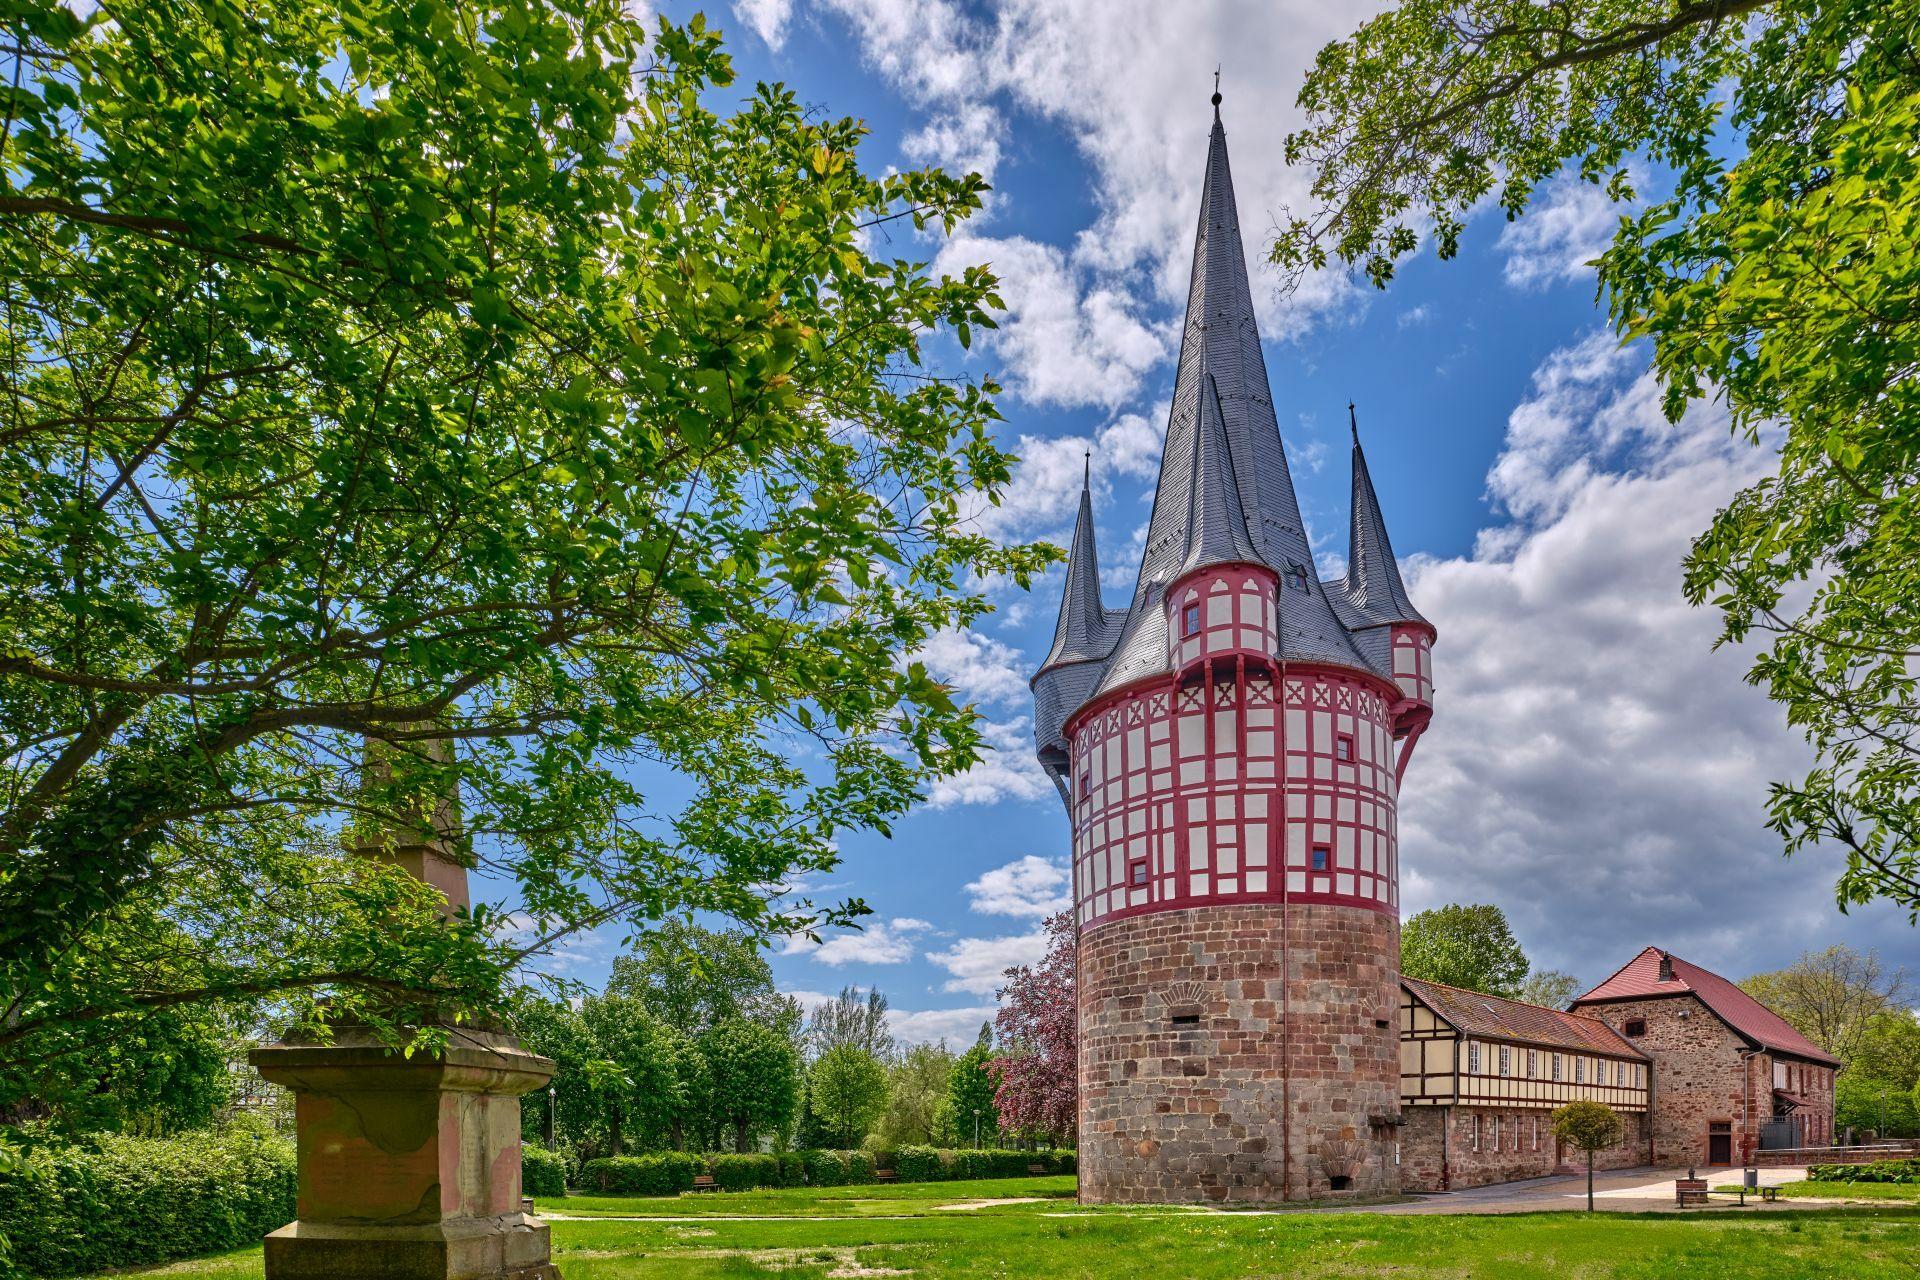 Der Junker-Hansen-Turm ist das Wahrzeichen Neustadts.